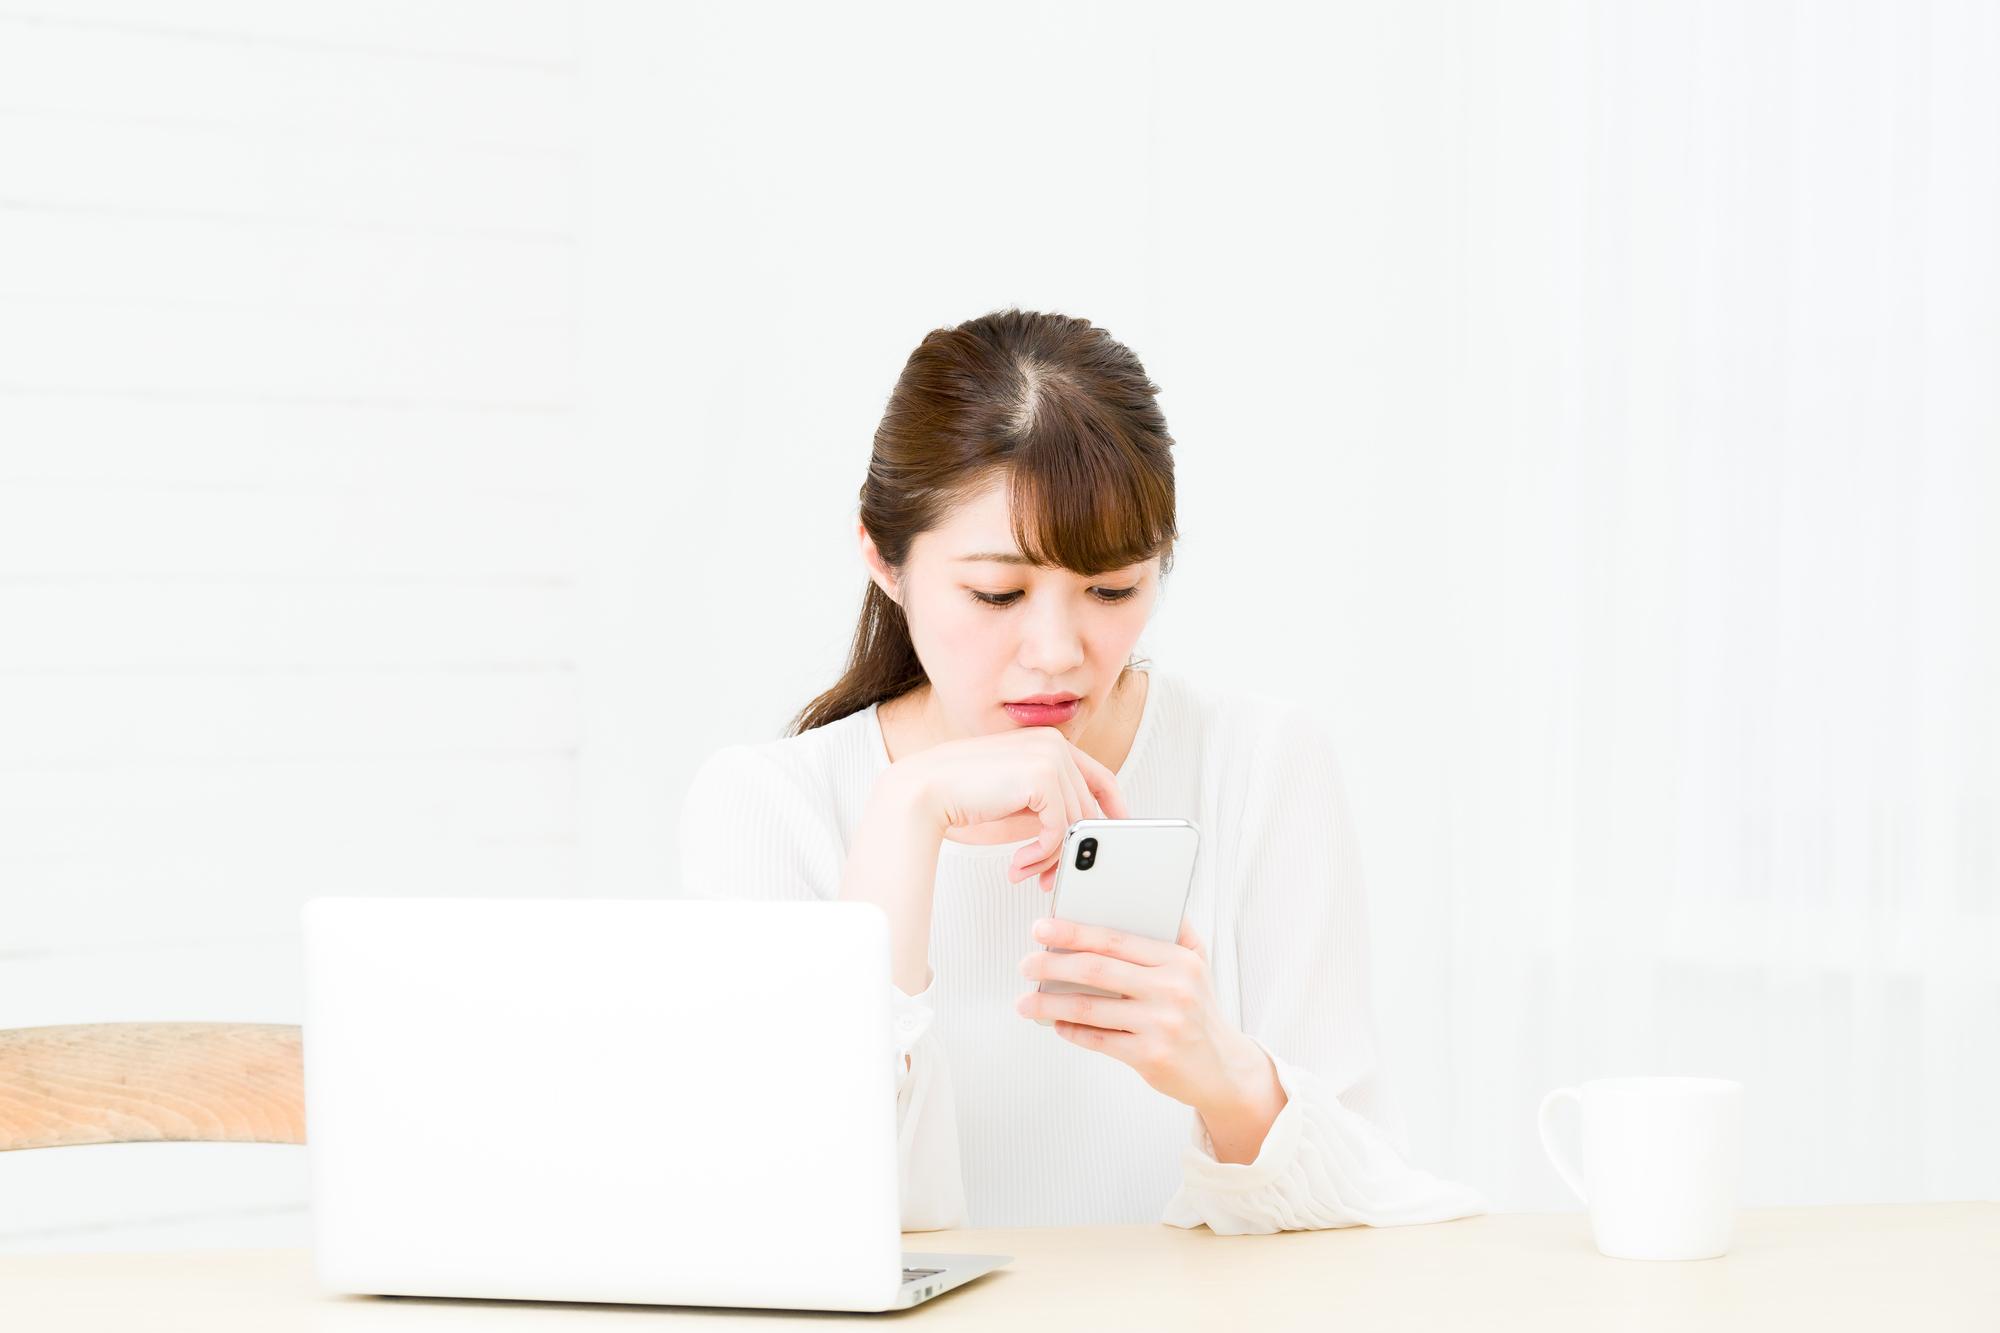 パソコンとスマホを使う若い女性